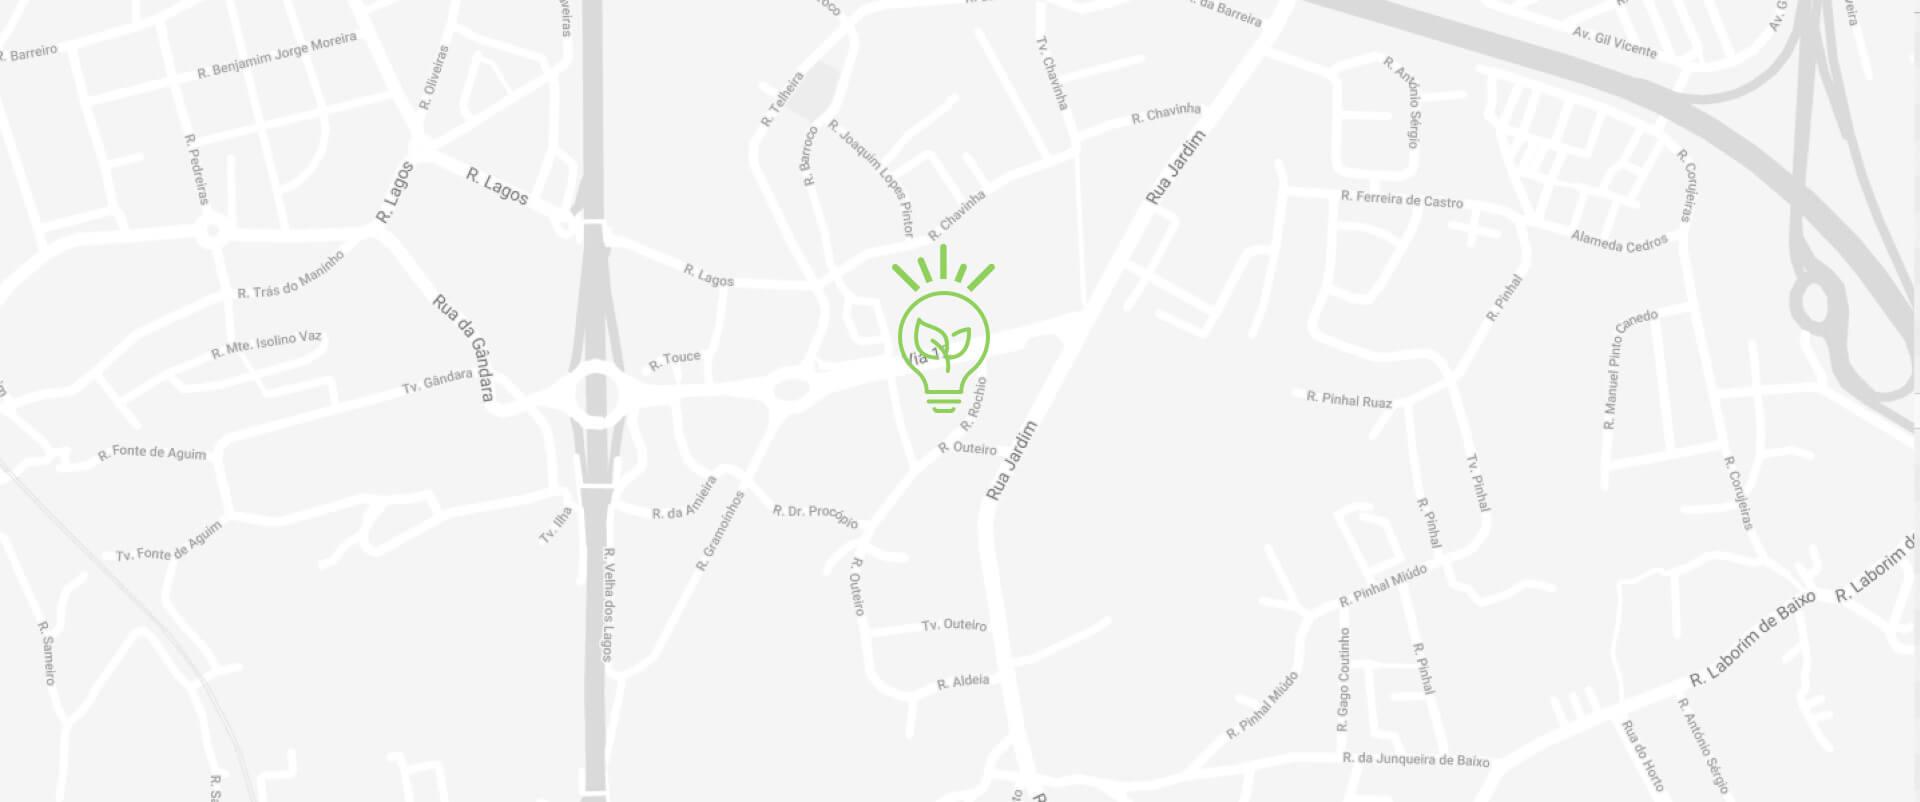 Ecoinside - Mapa